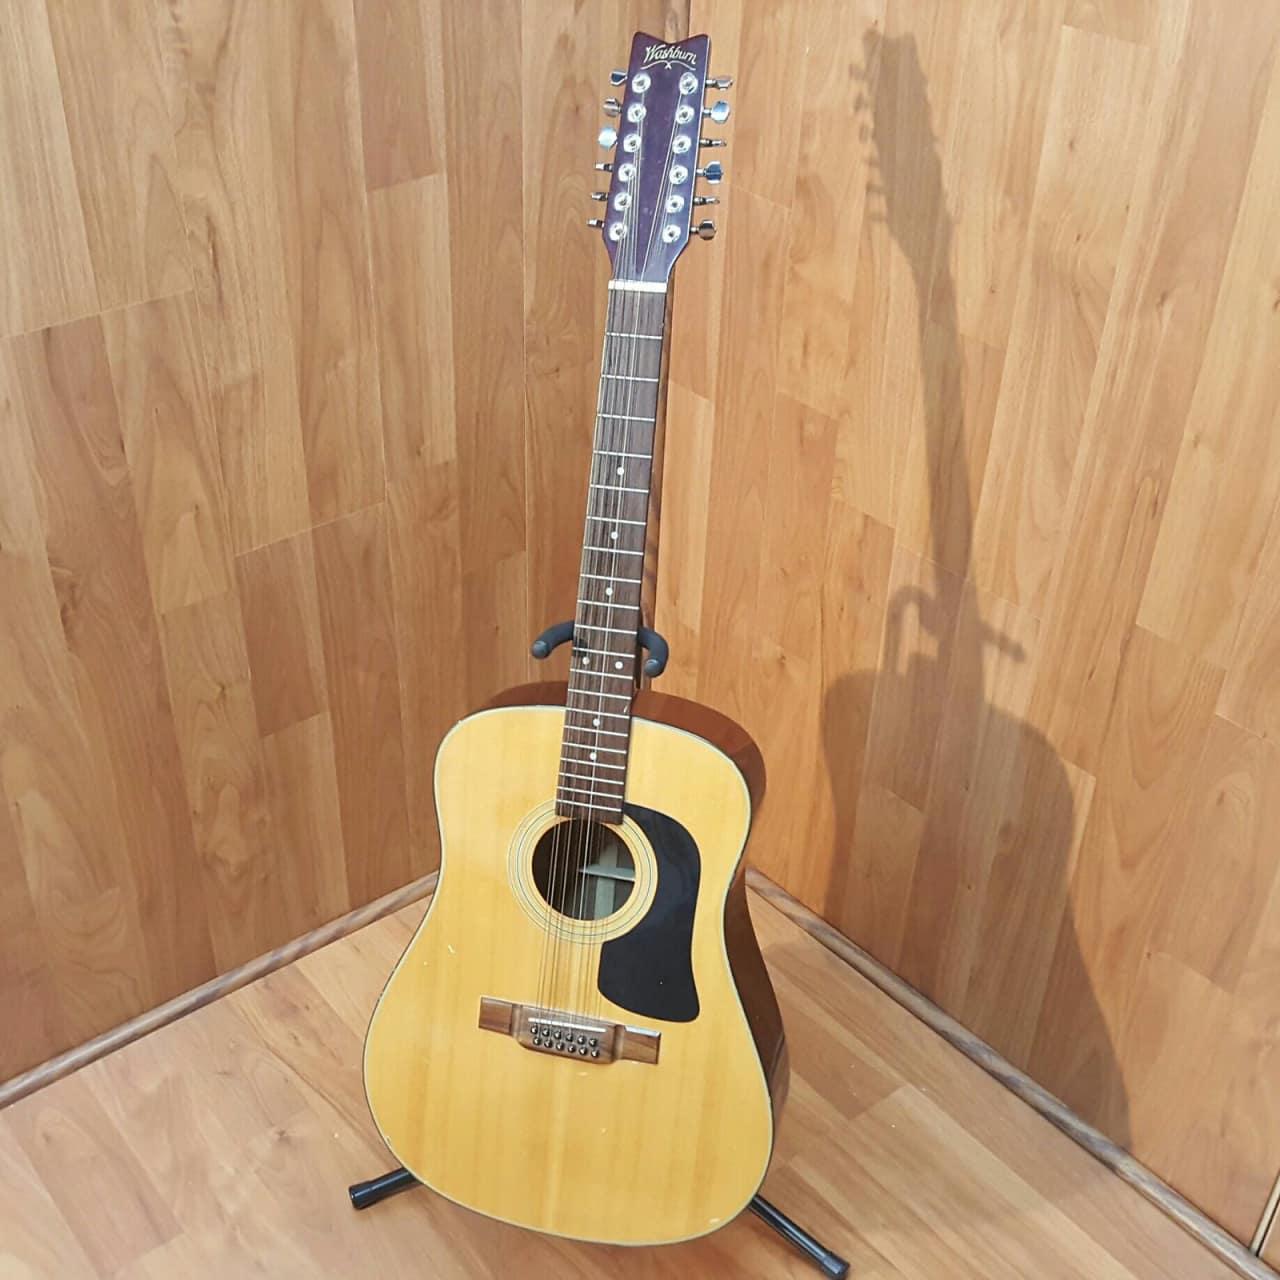 washburn d12 12 string acoustic guitar reverb. Black Bedroom Furniture Sets. Home Design Ideas